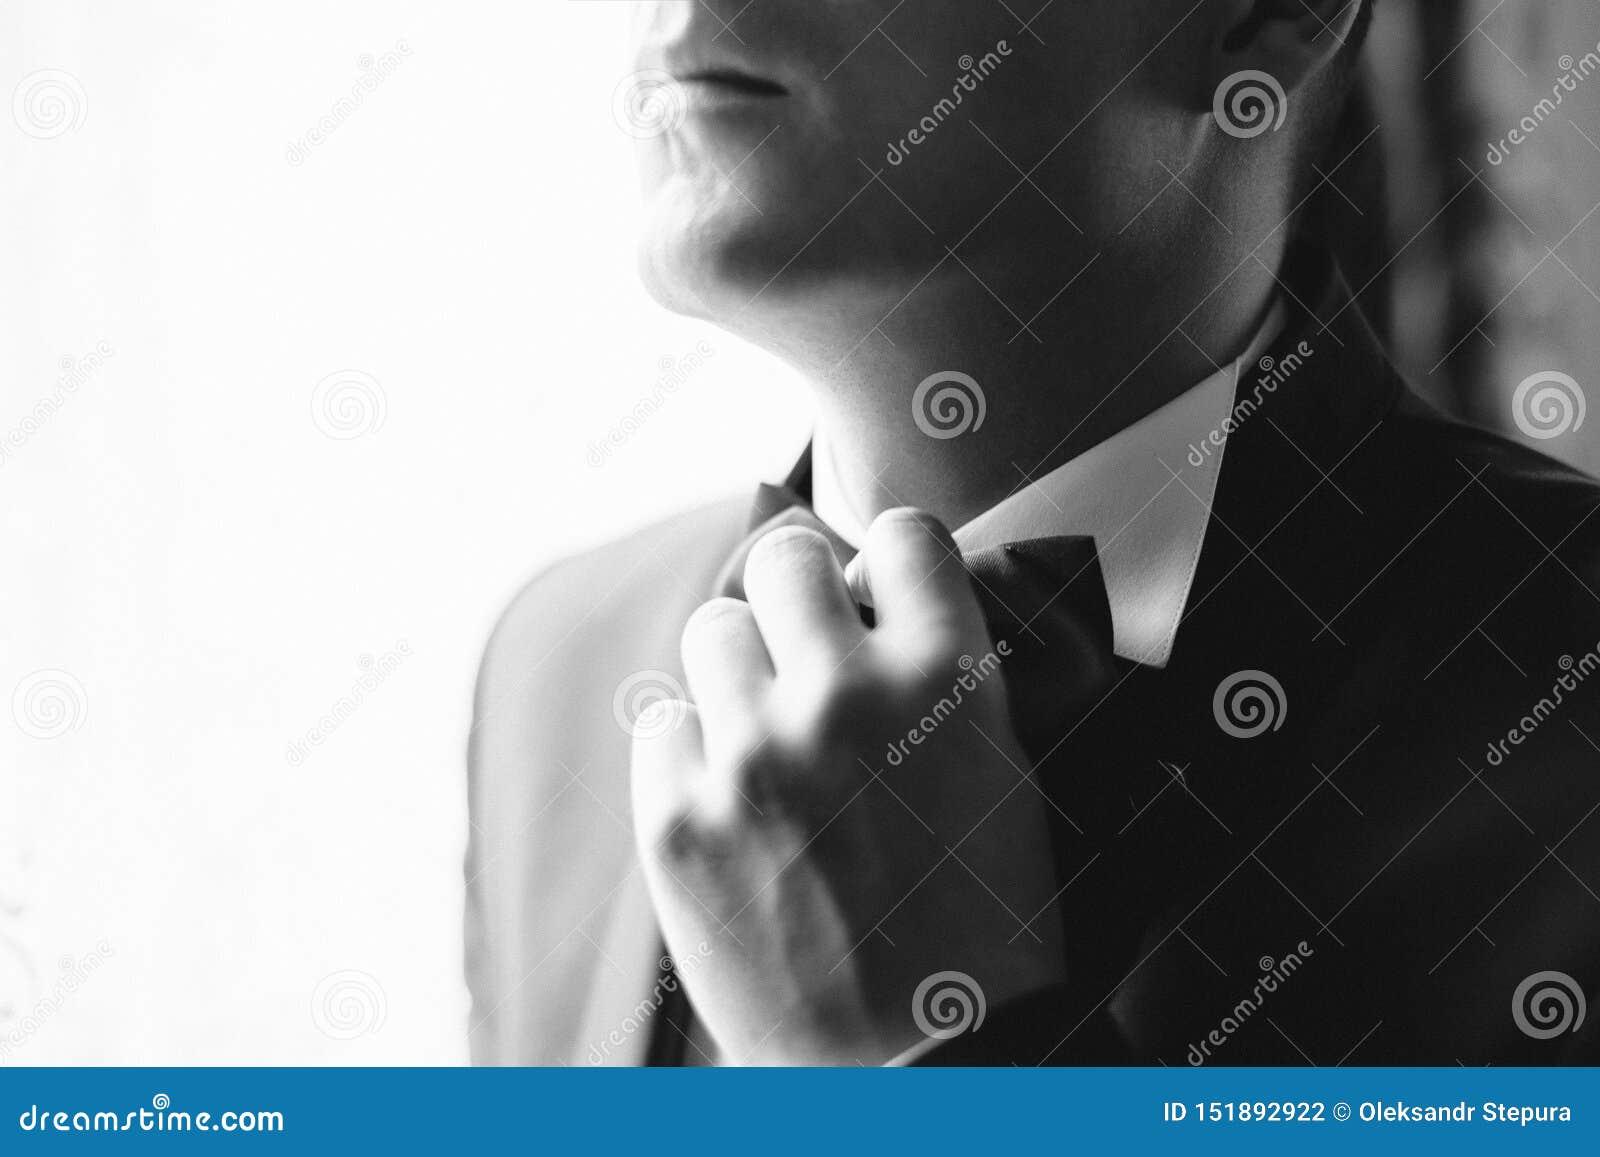 Agghindandosi sul vostro giorno delle nozze